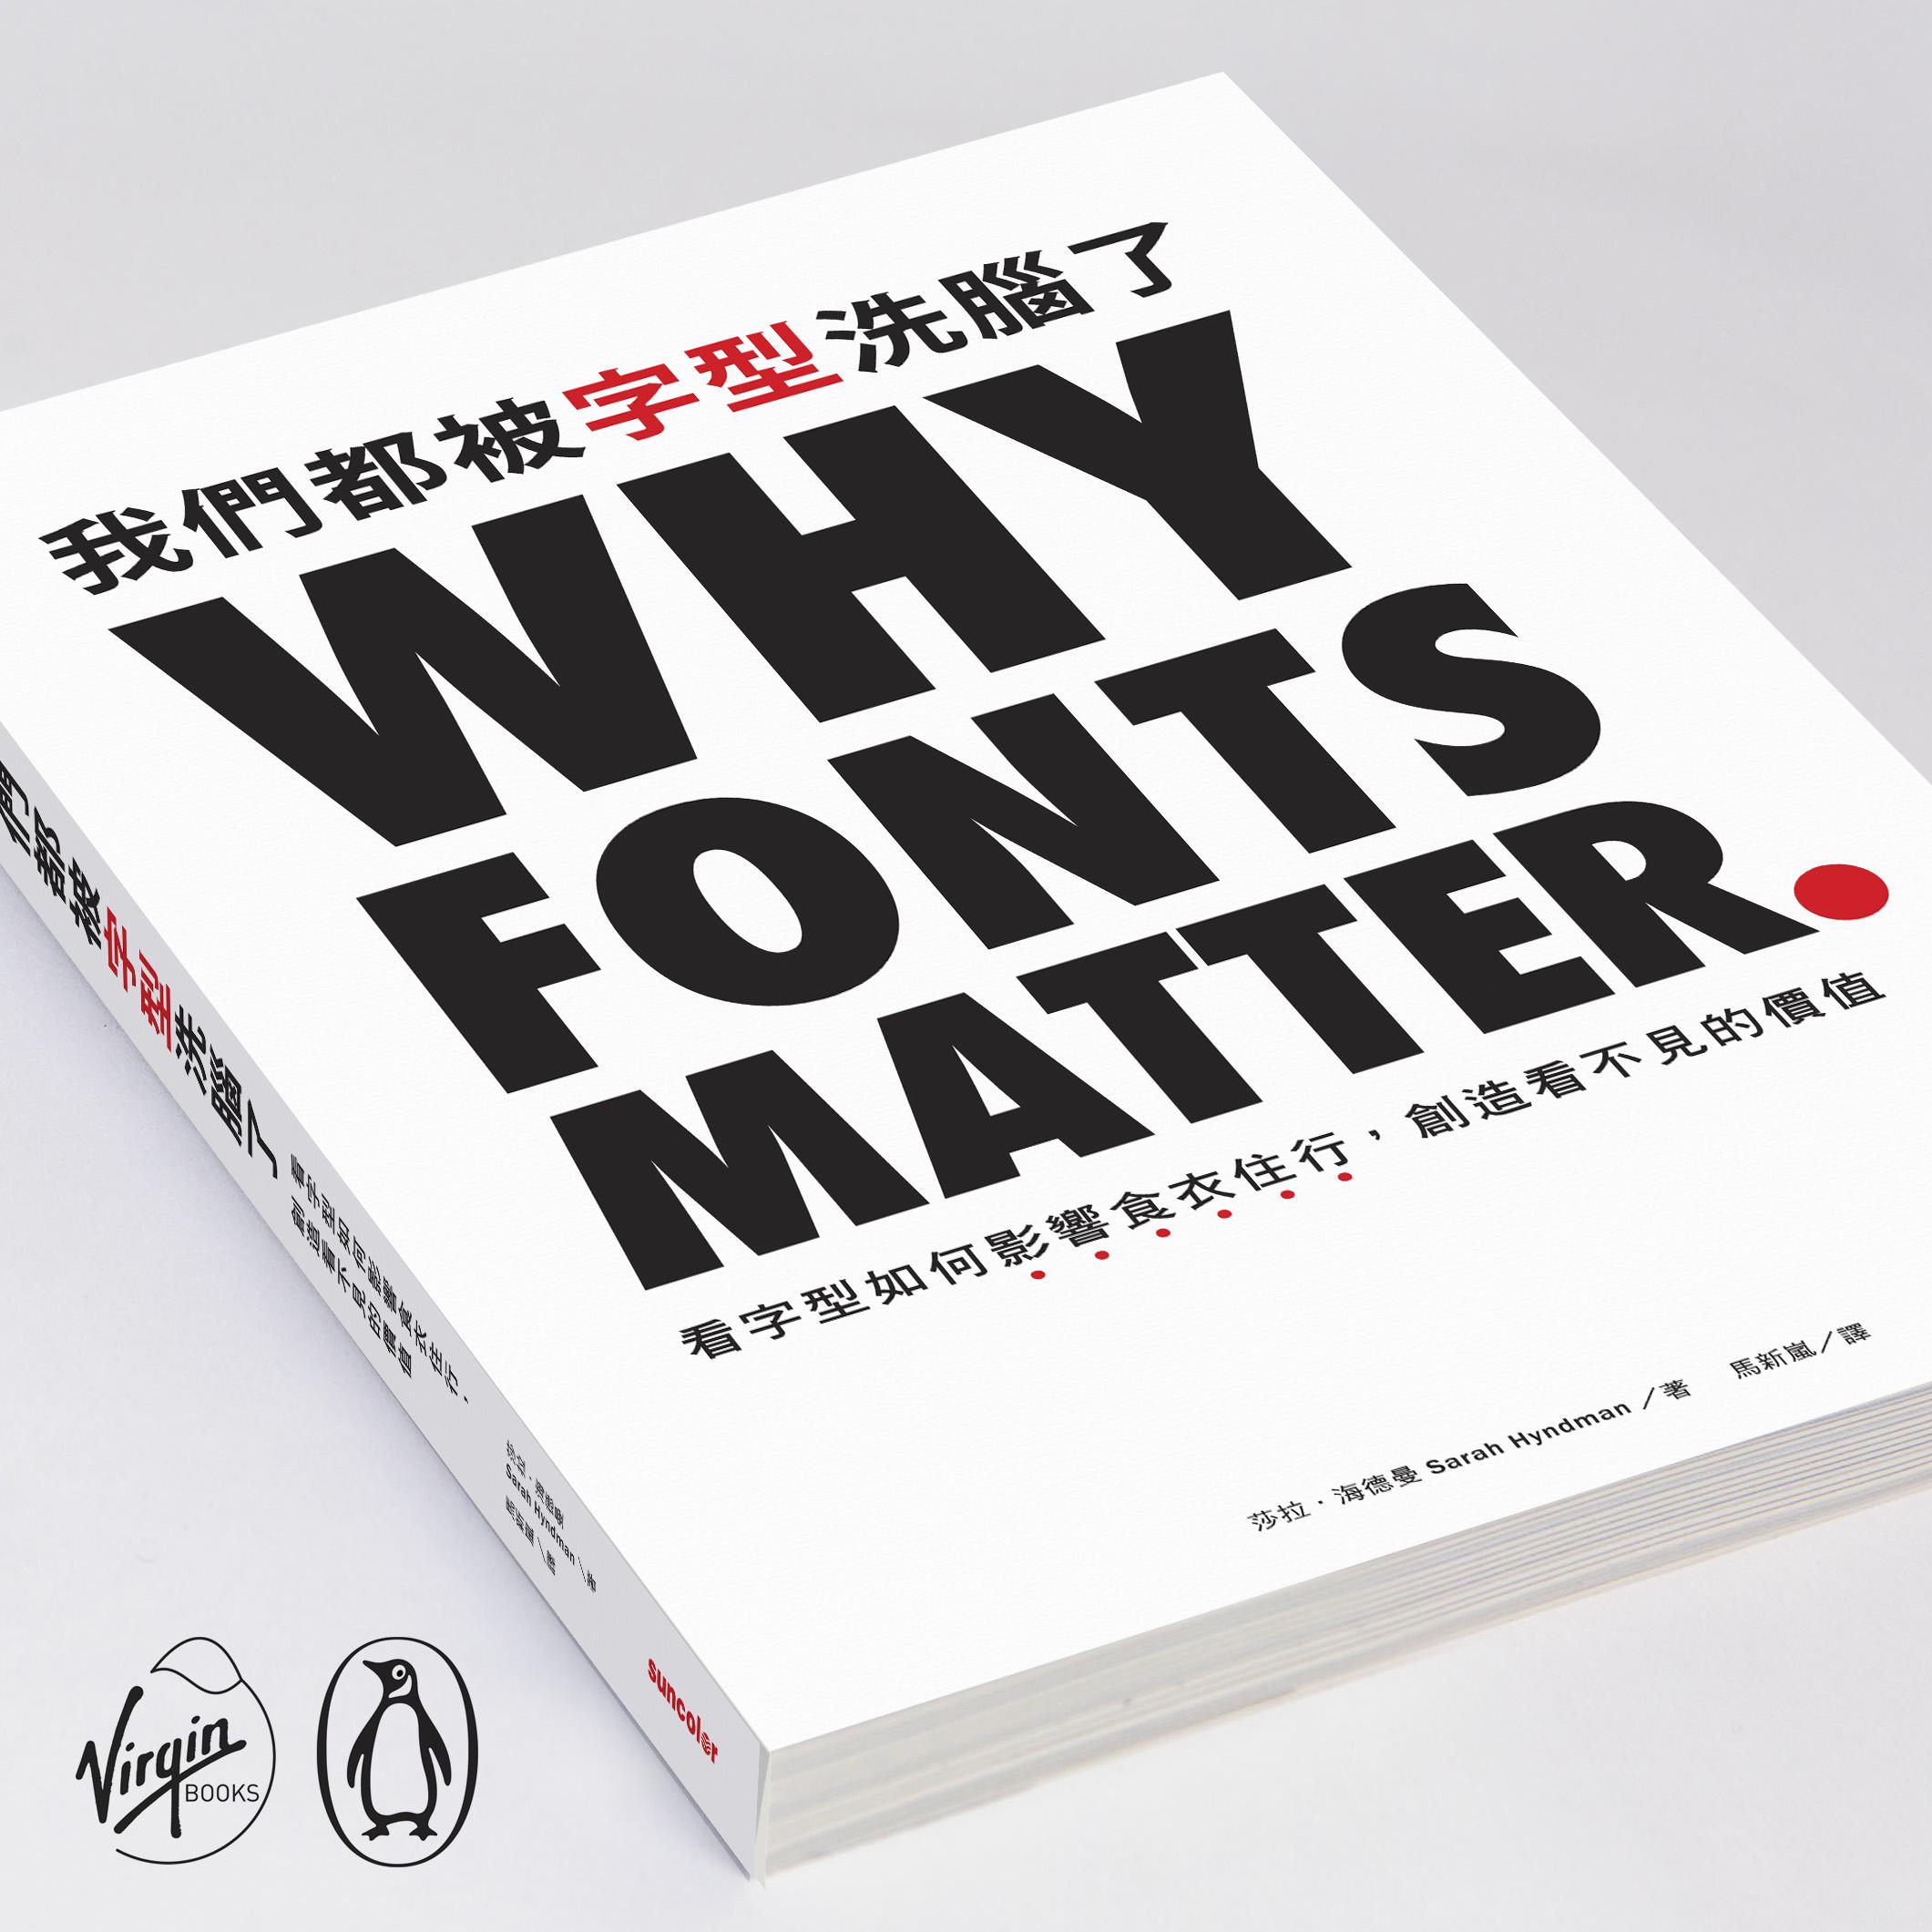 Why Fonts Matter Hong Kong edition